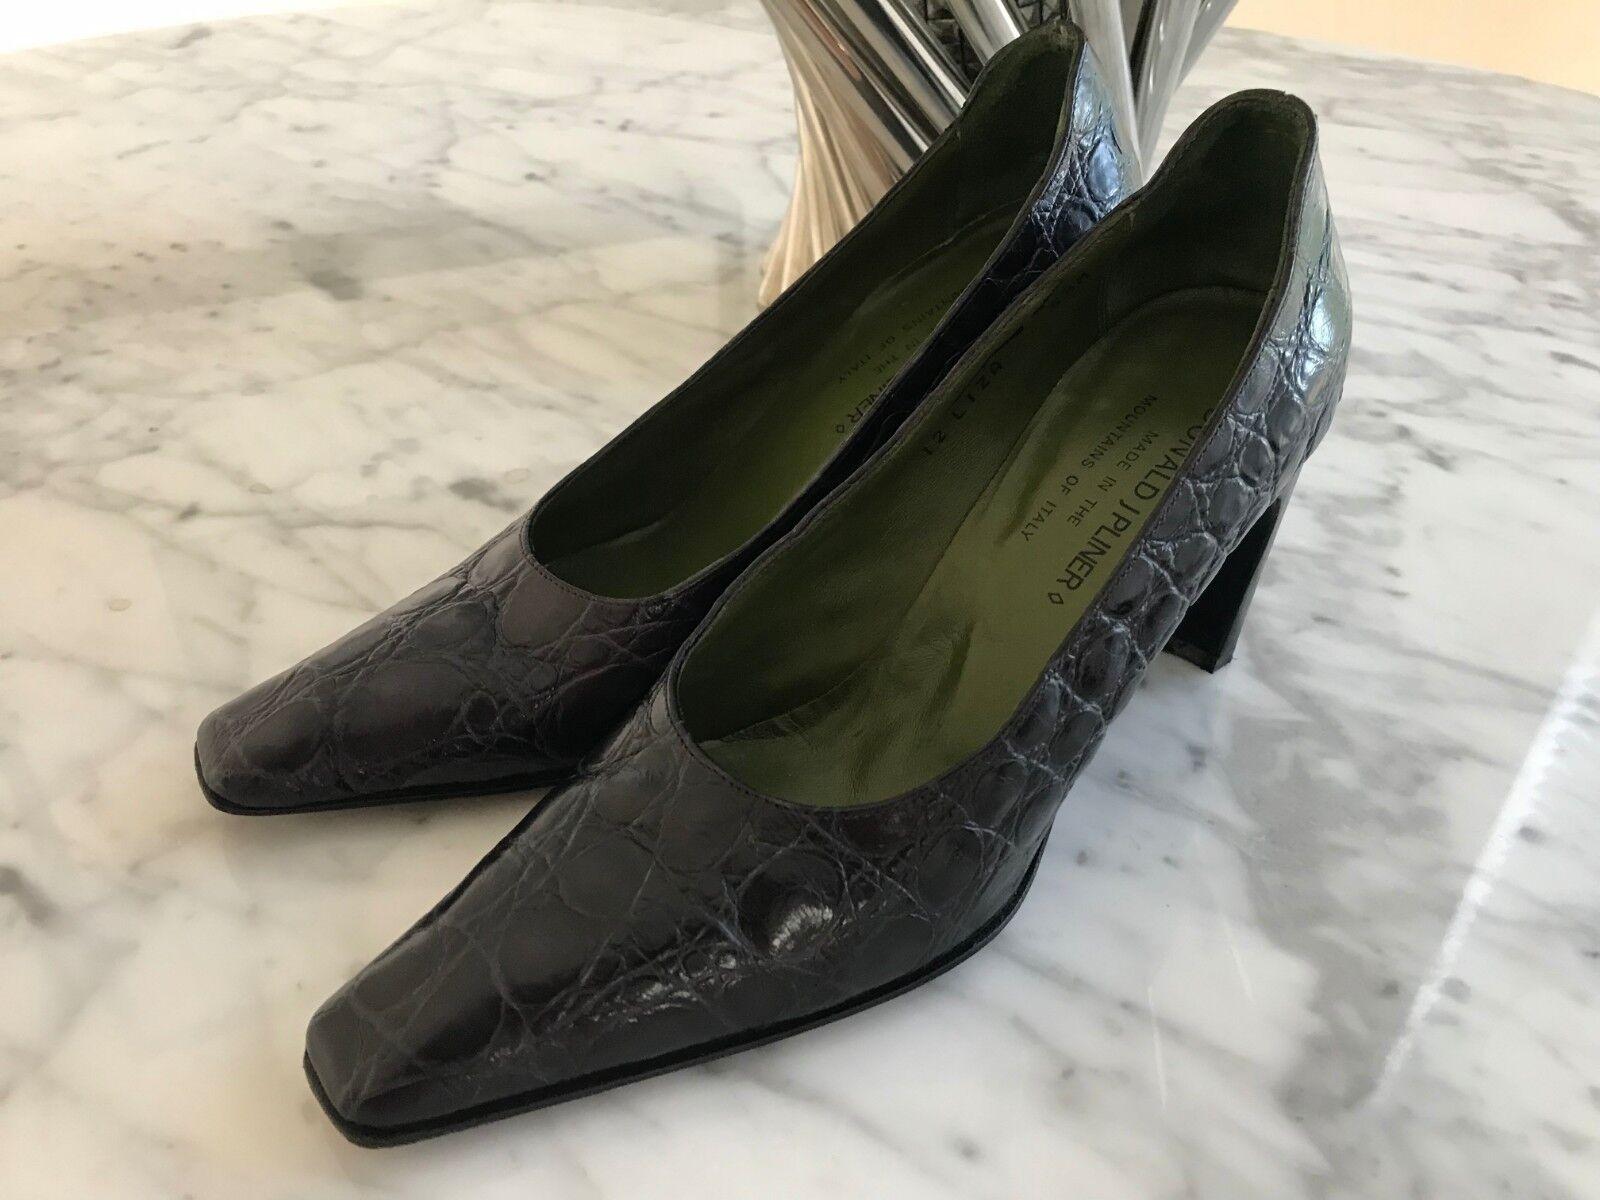 damen's Donald J Pliner Couture Couture Couture lila Leather Alligator Pumps 5.5 M. Excellent 027694